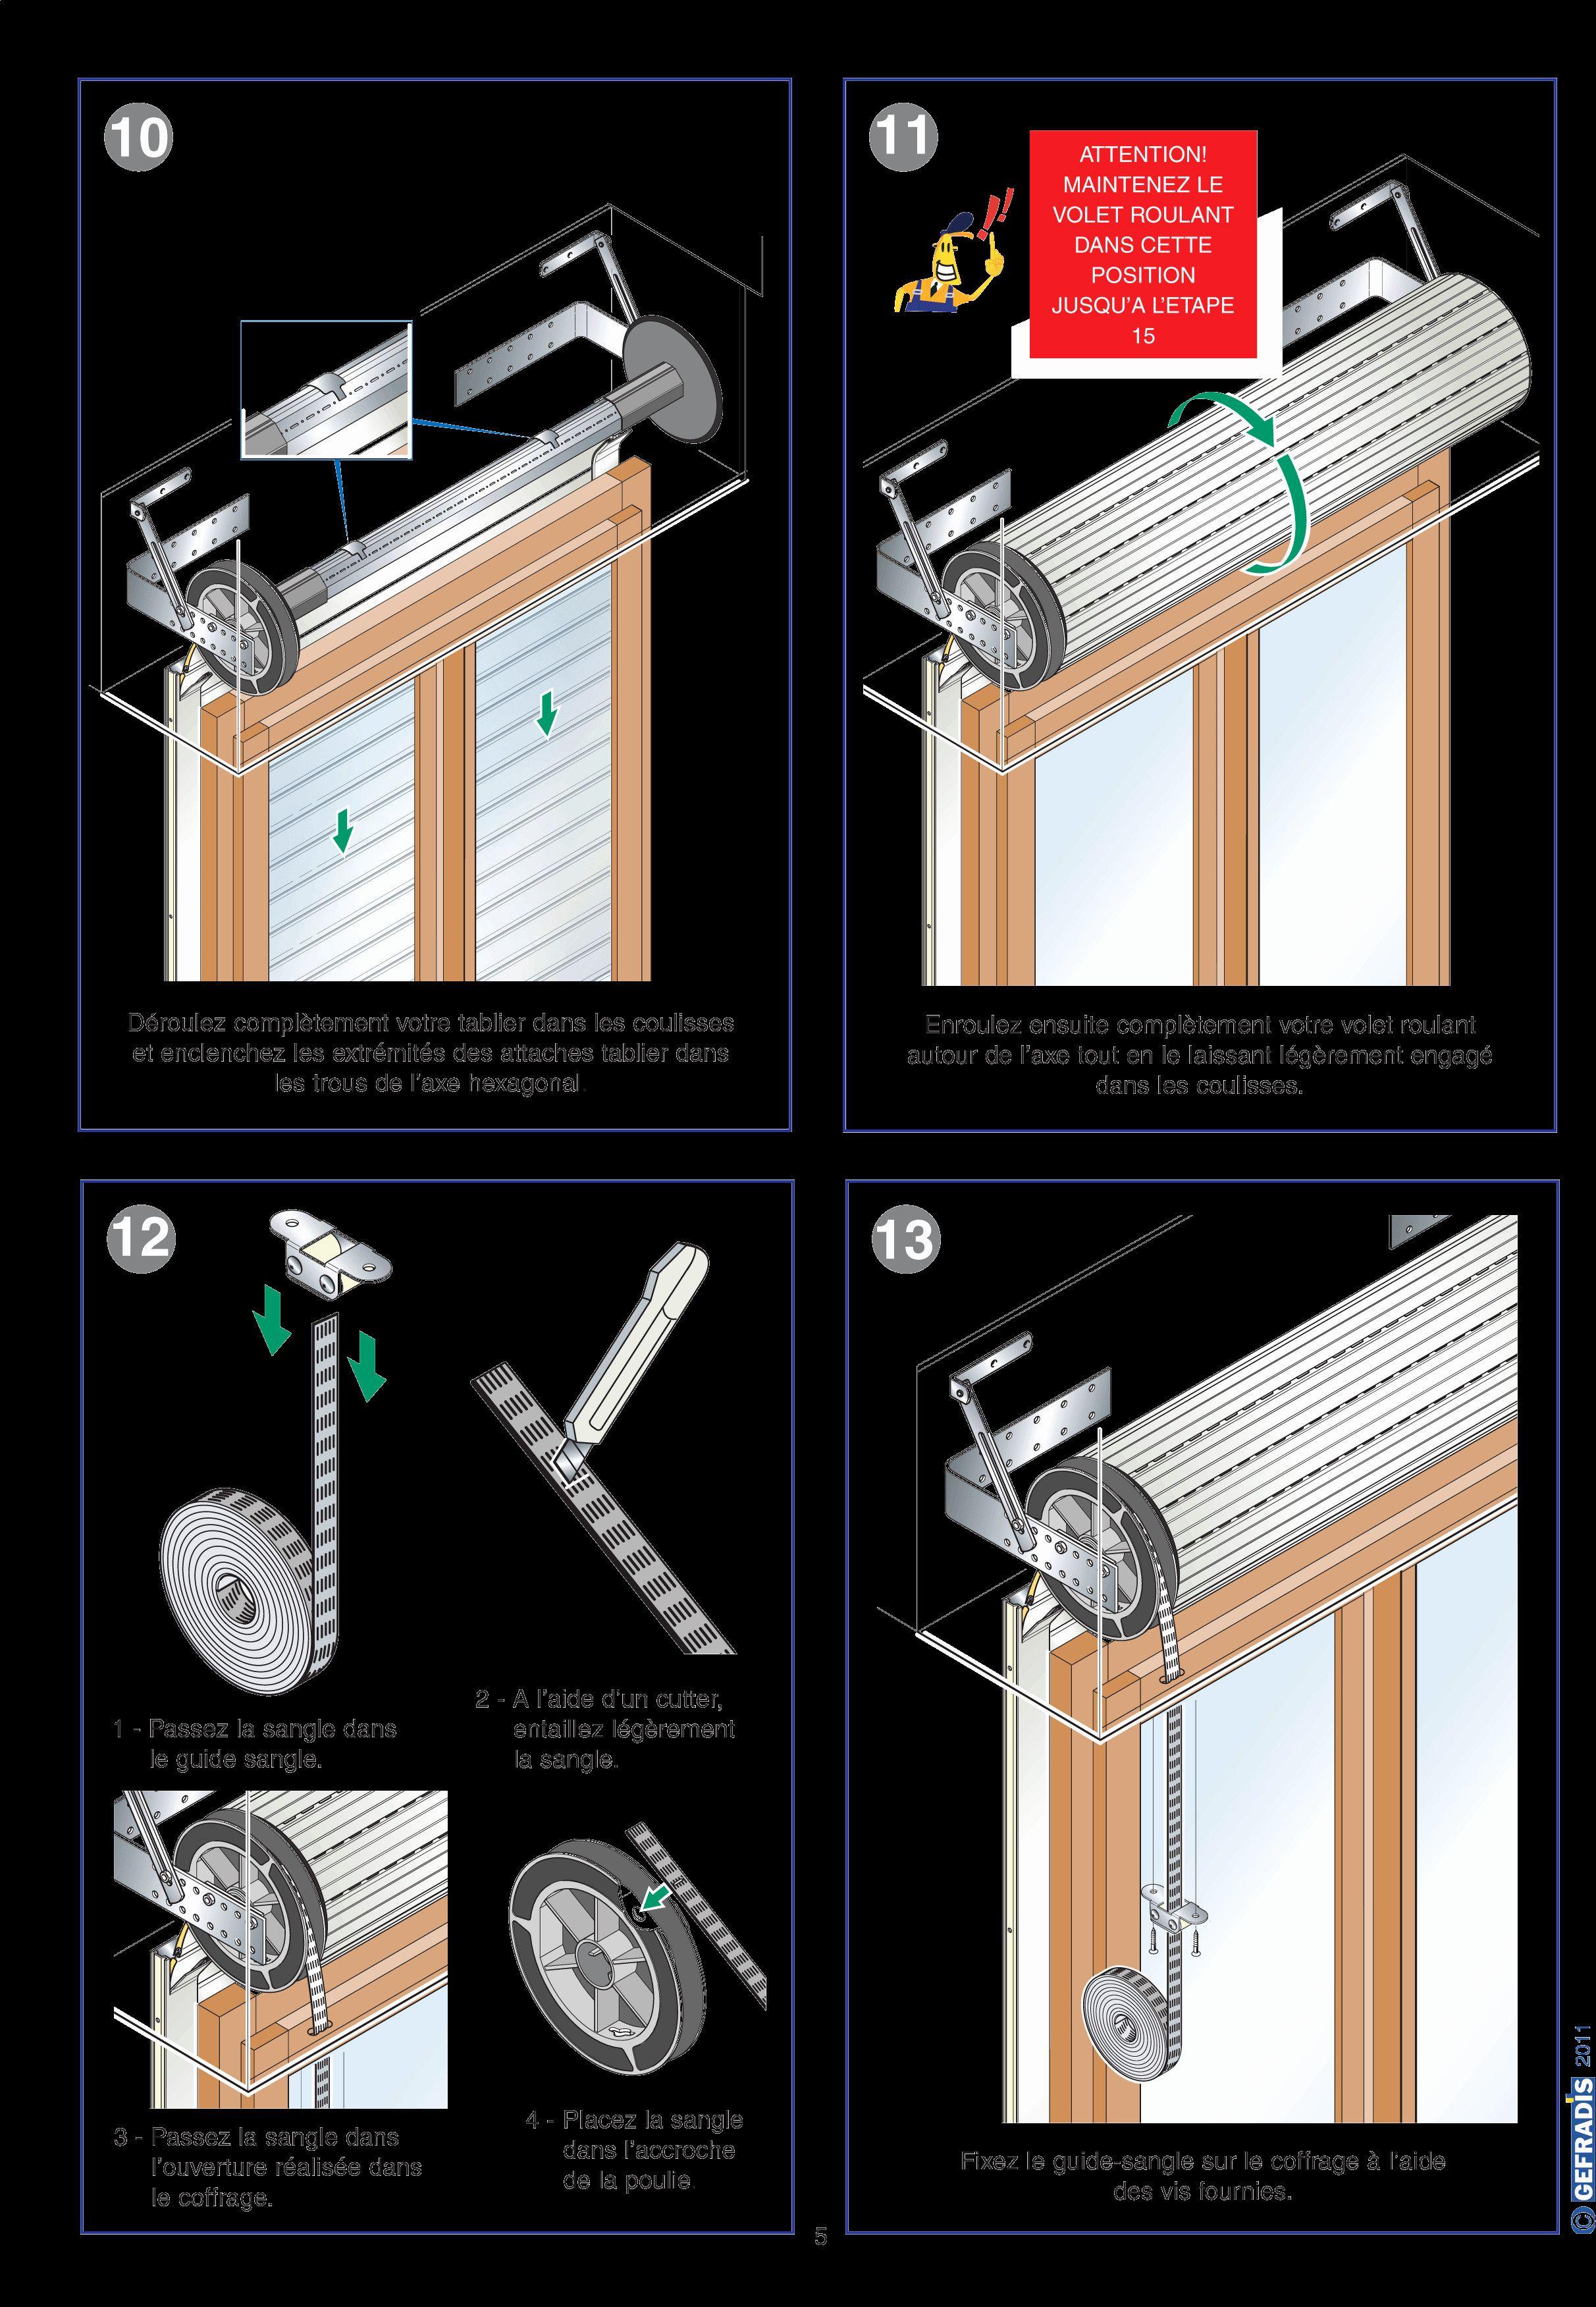 New Prix Volet Roulant Electrique Brico Depot Merlin Indoor Garden Indoor